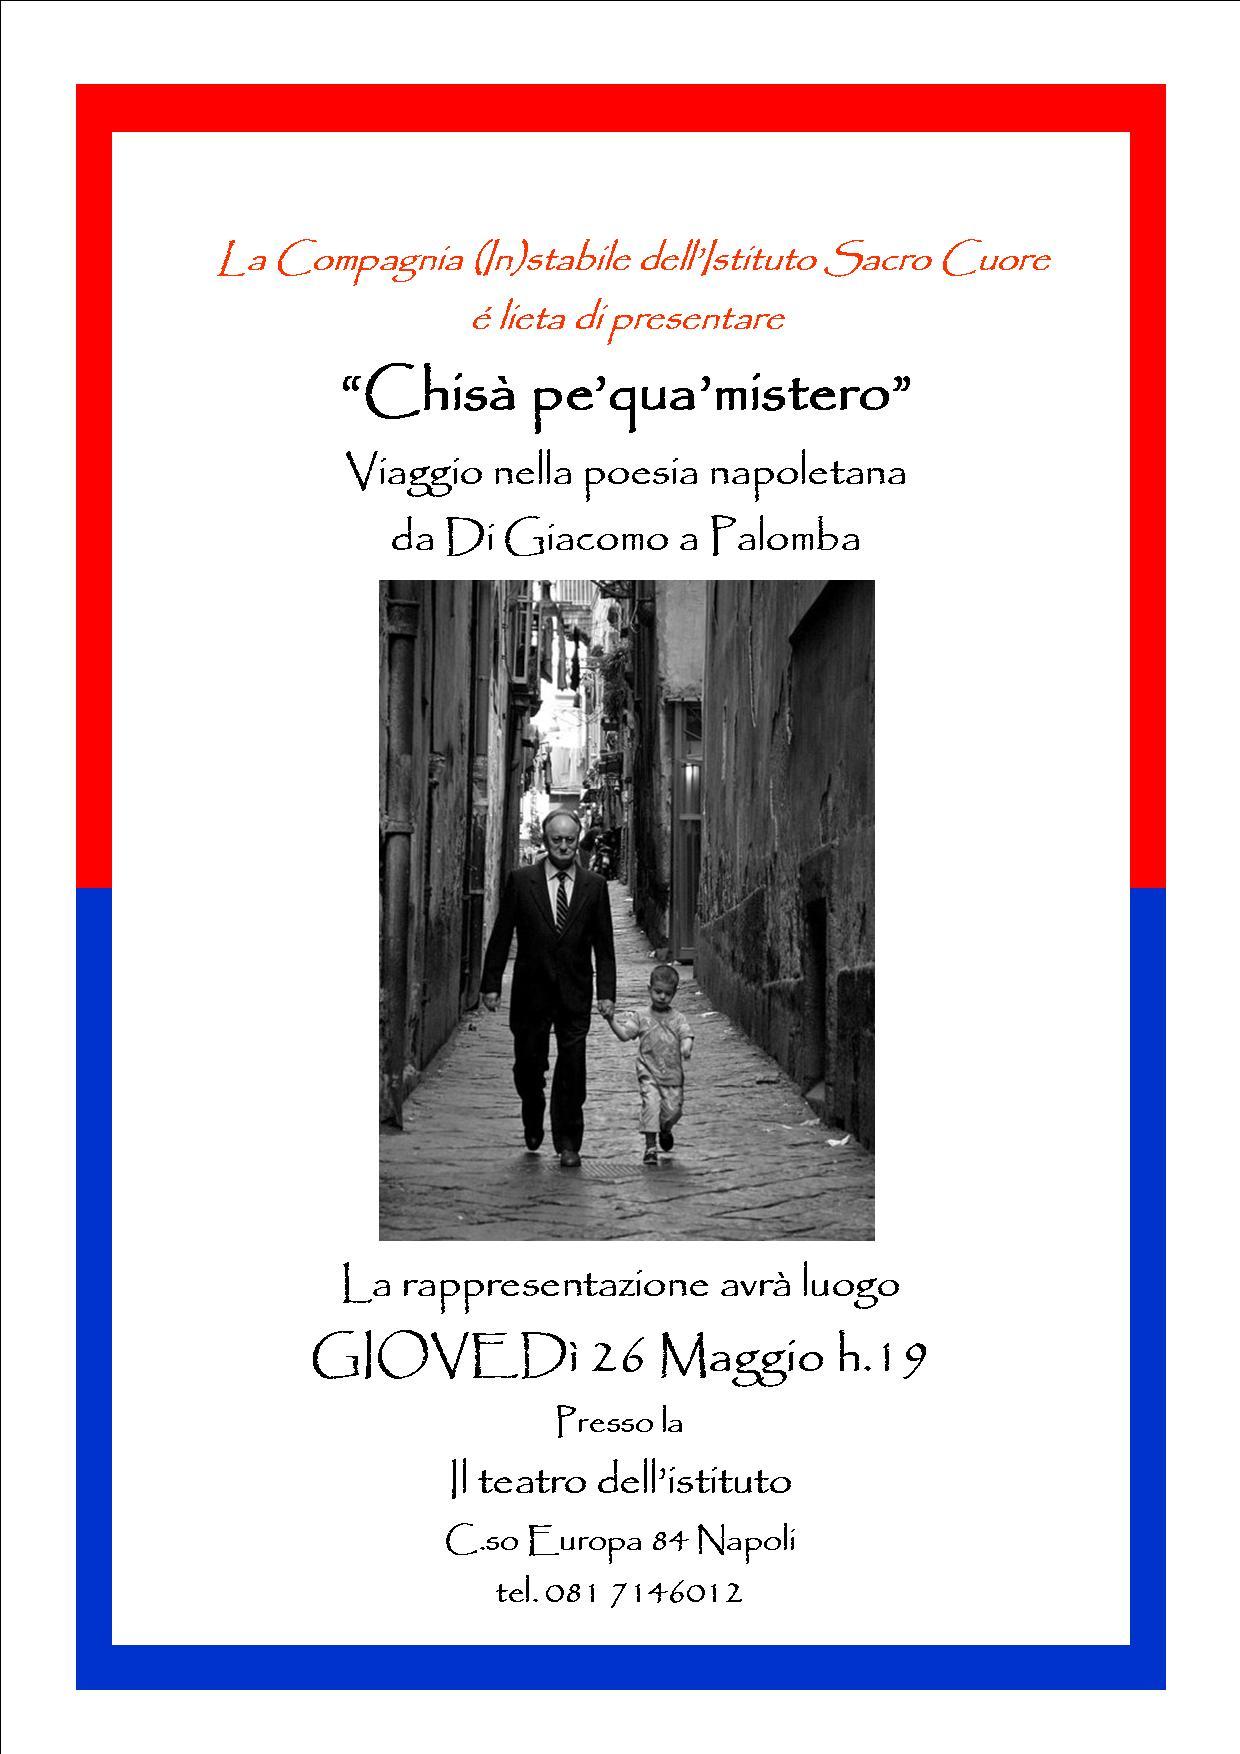 Poesia napoletana teatro1